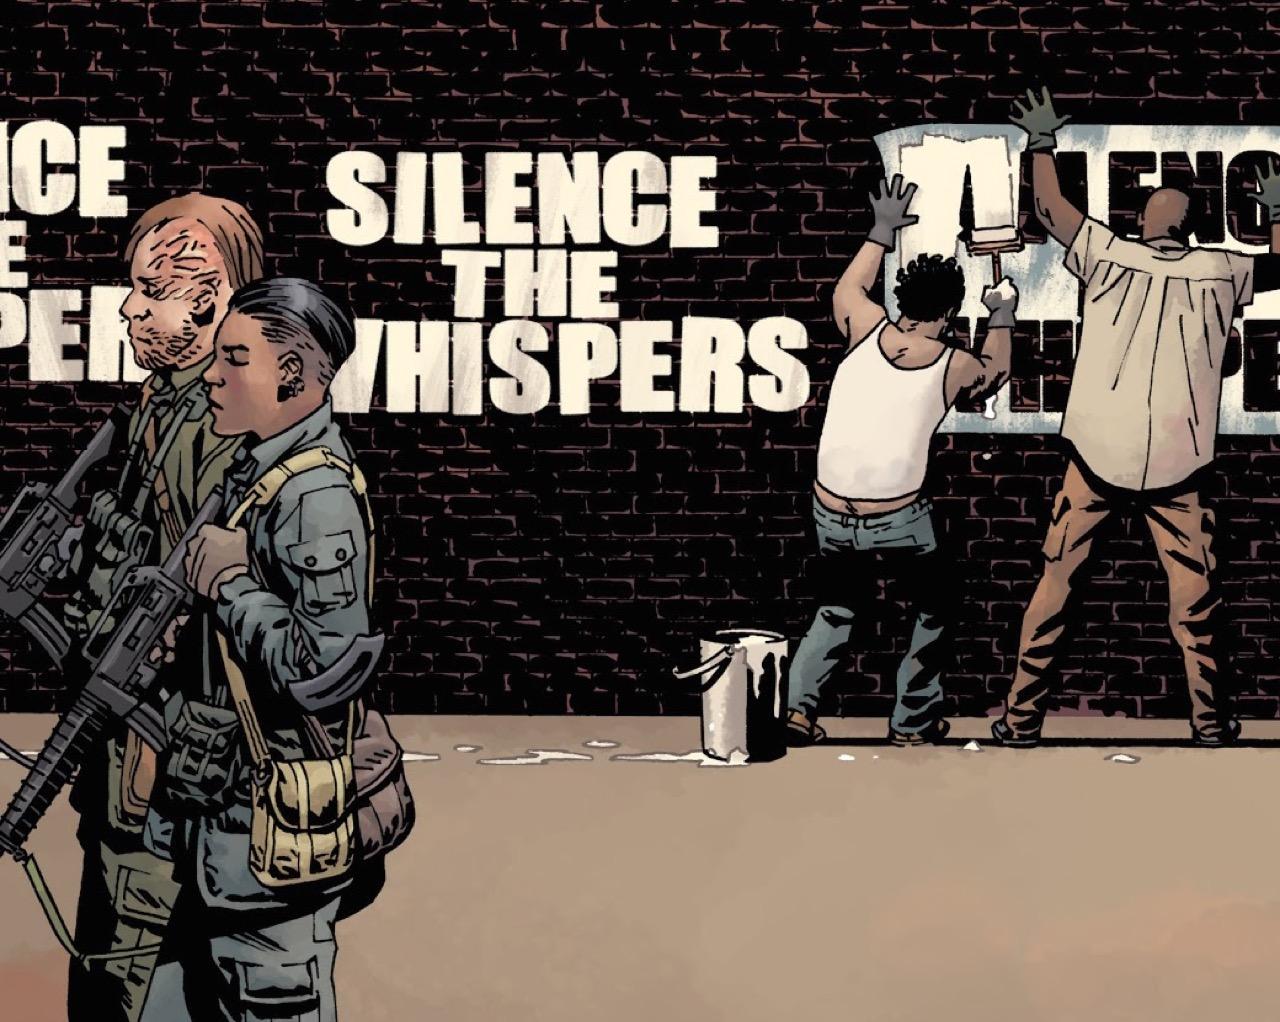 ウォーキングデッド・コミック 152話 「恐怖下の団結」表紙